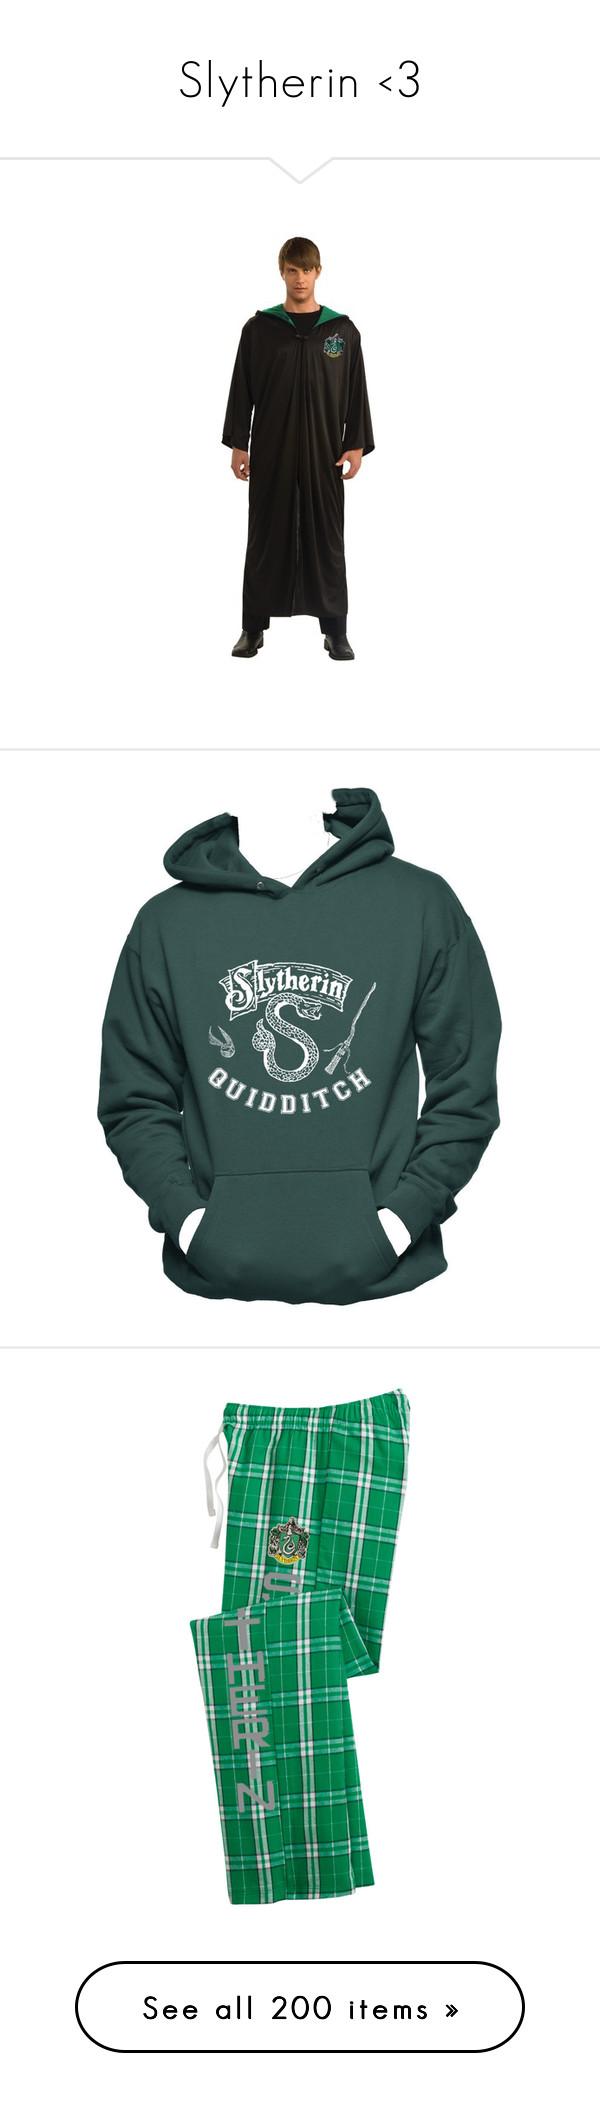 Slytherin <3\